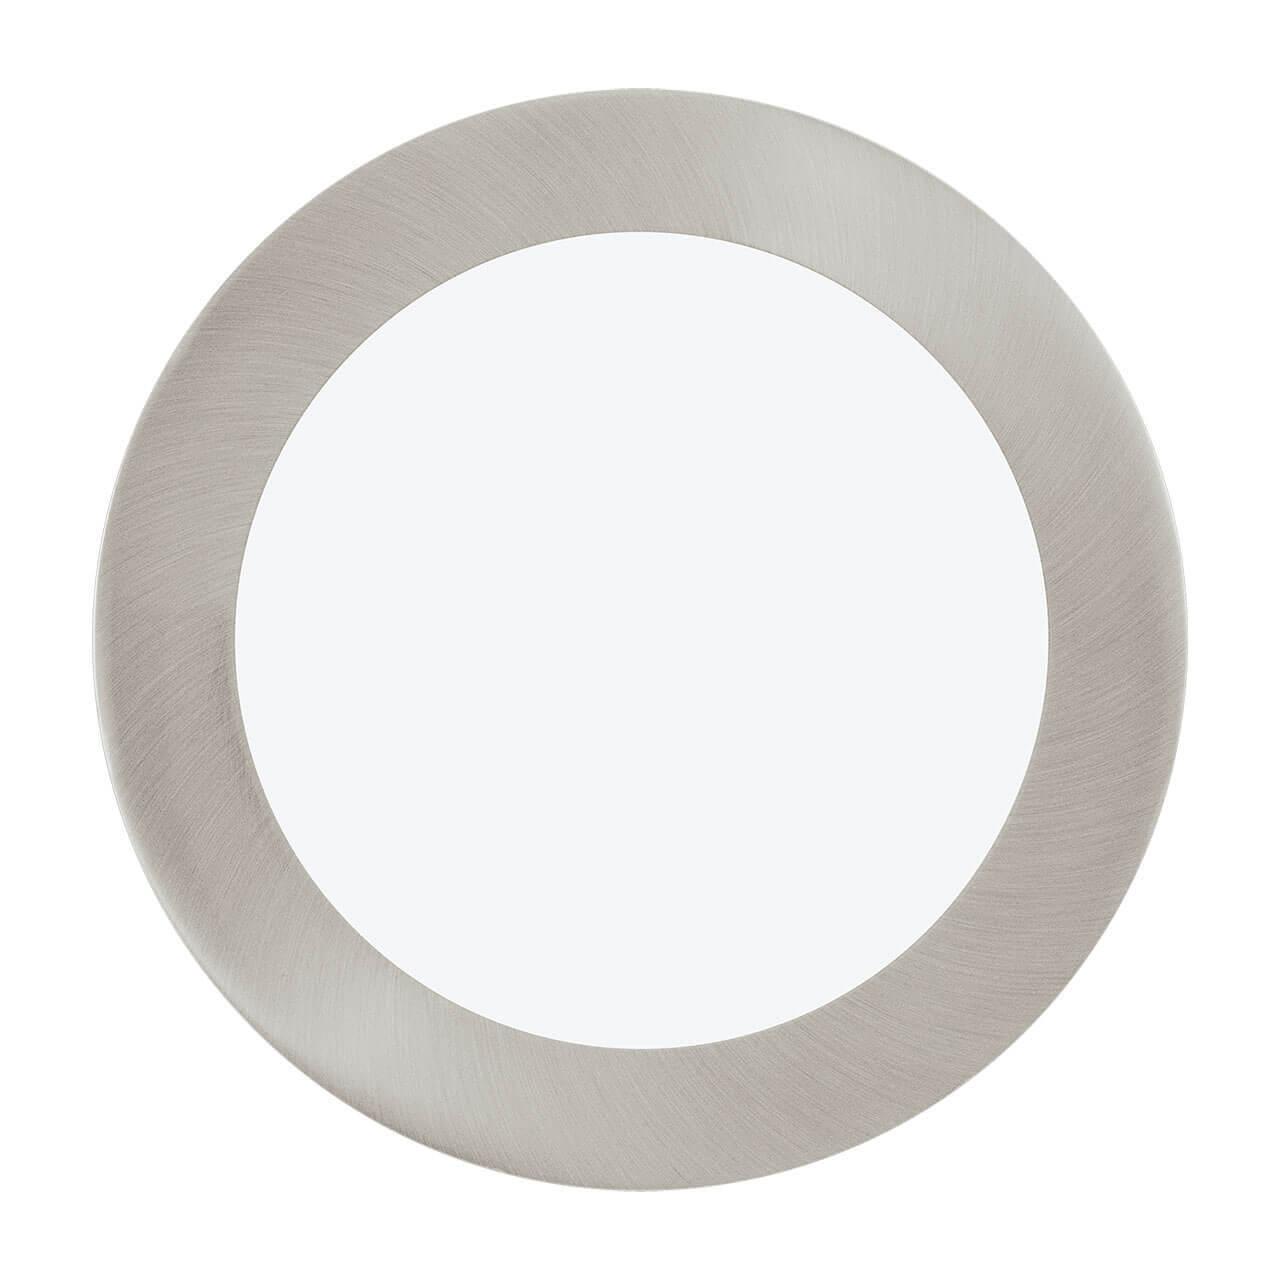 Светильник Eglo 96408 Fueva